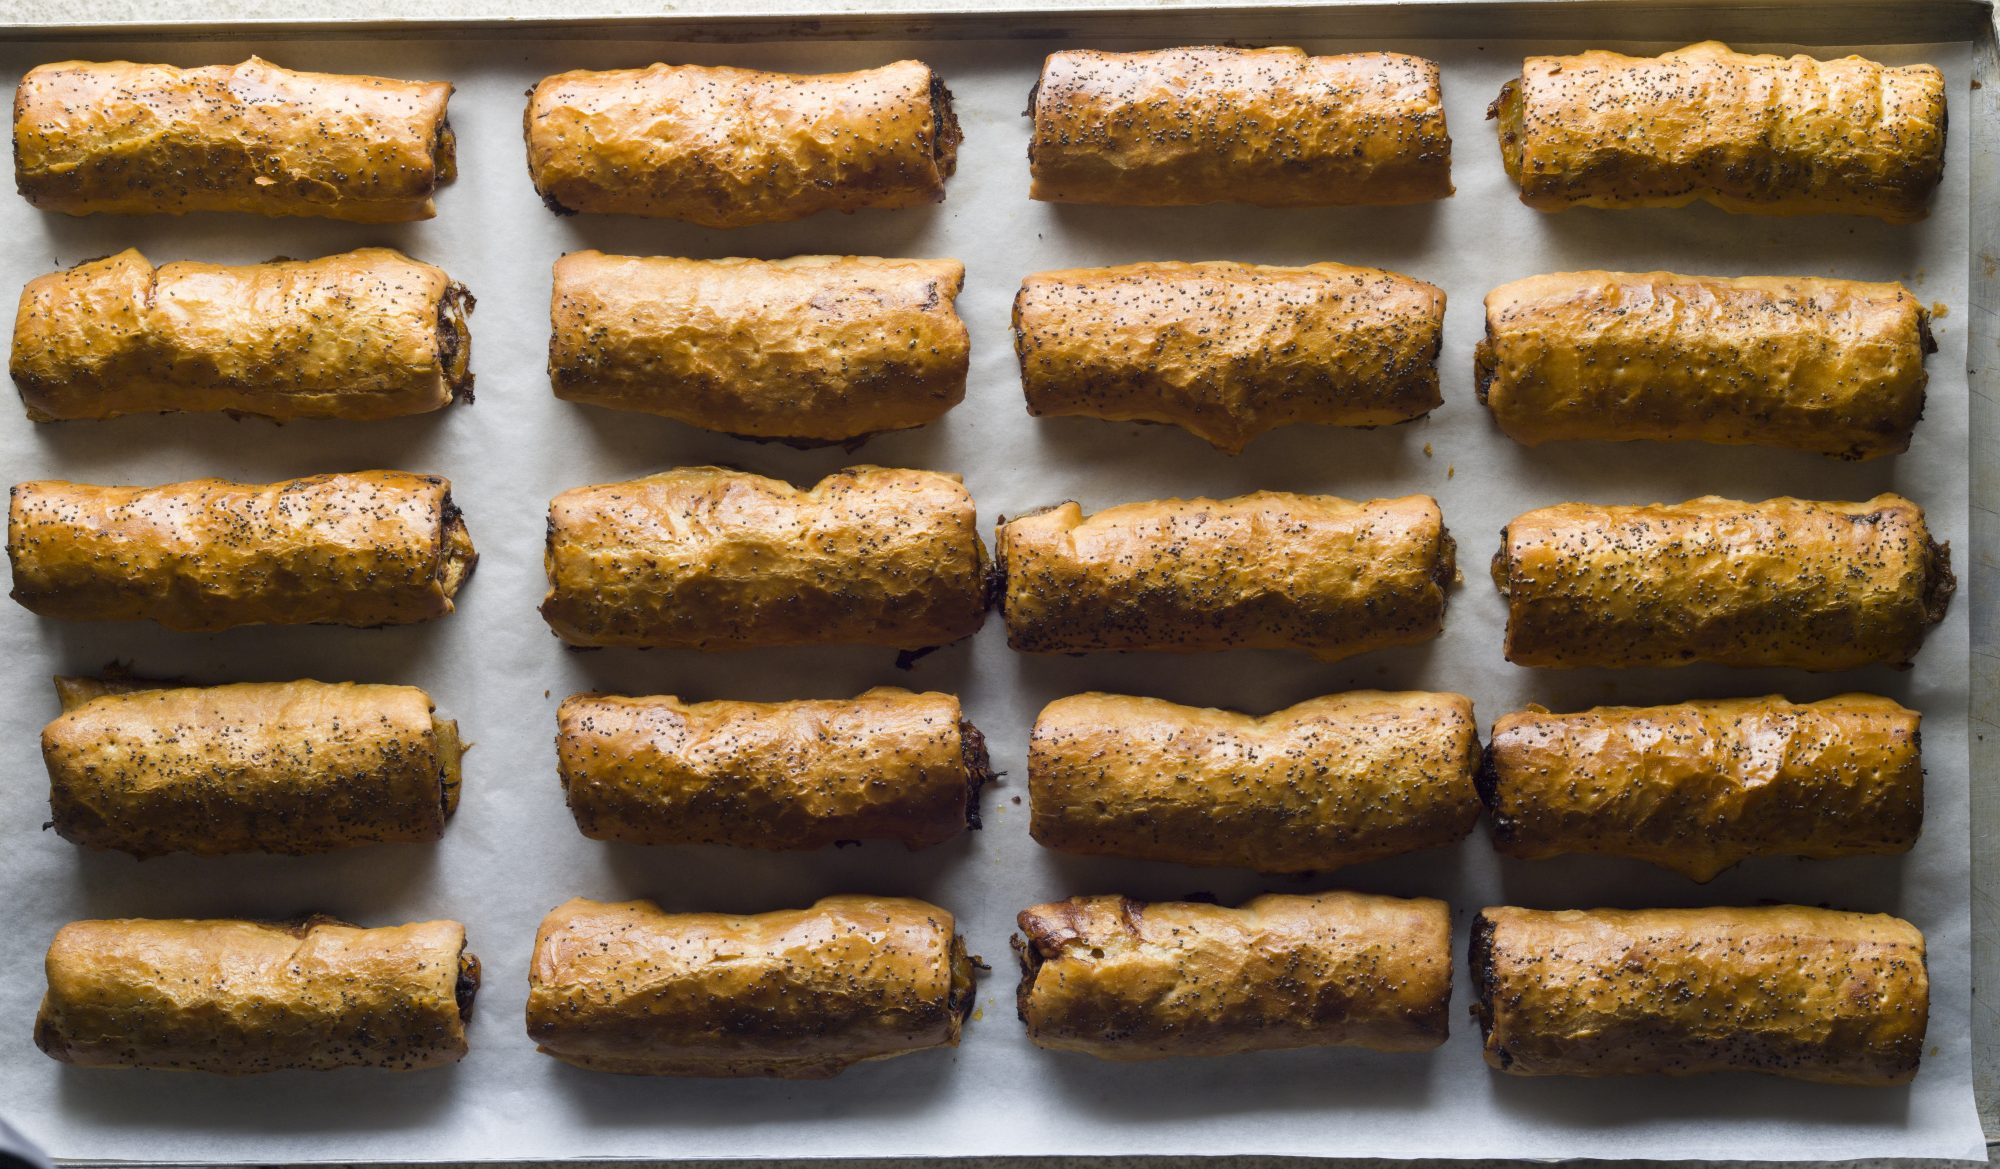 Sausage_roll_bourke_street_bakery.jpg